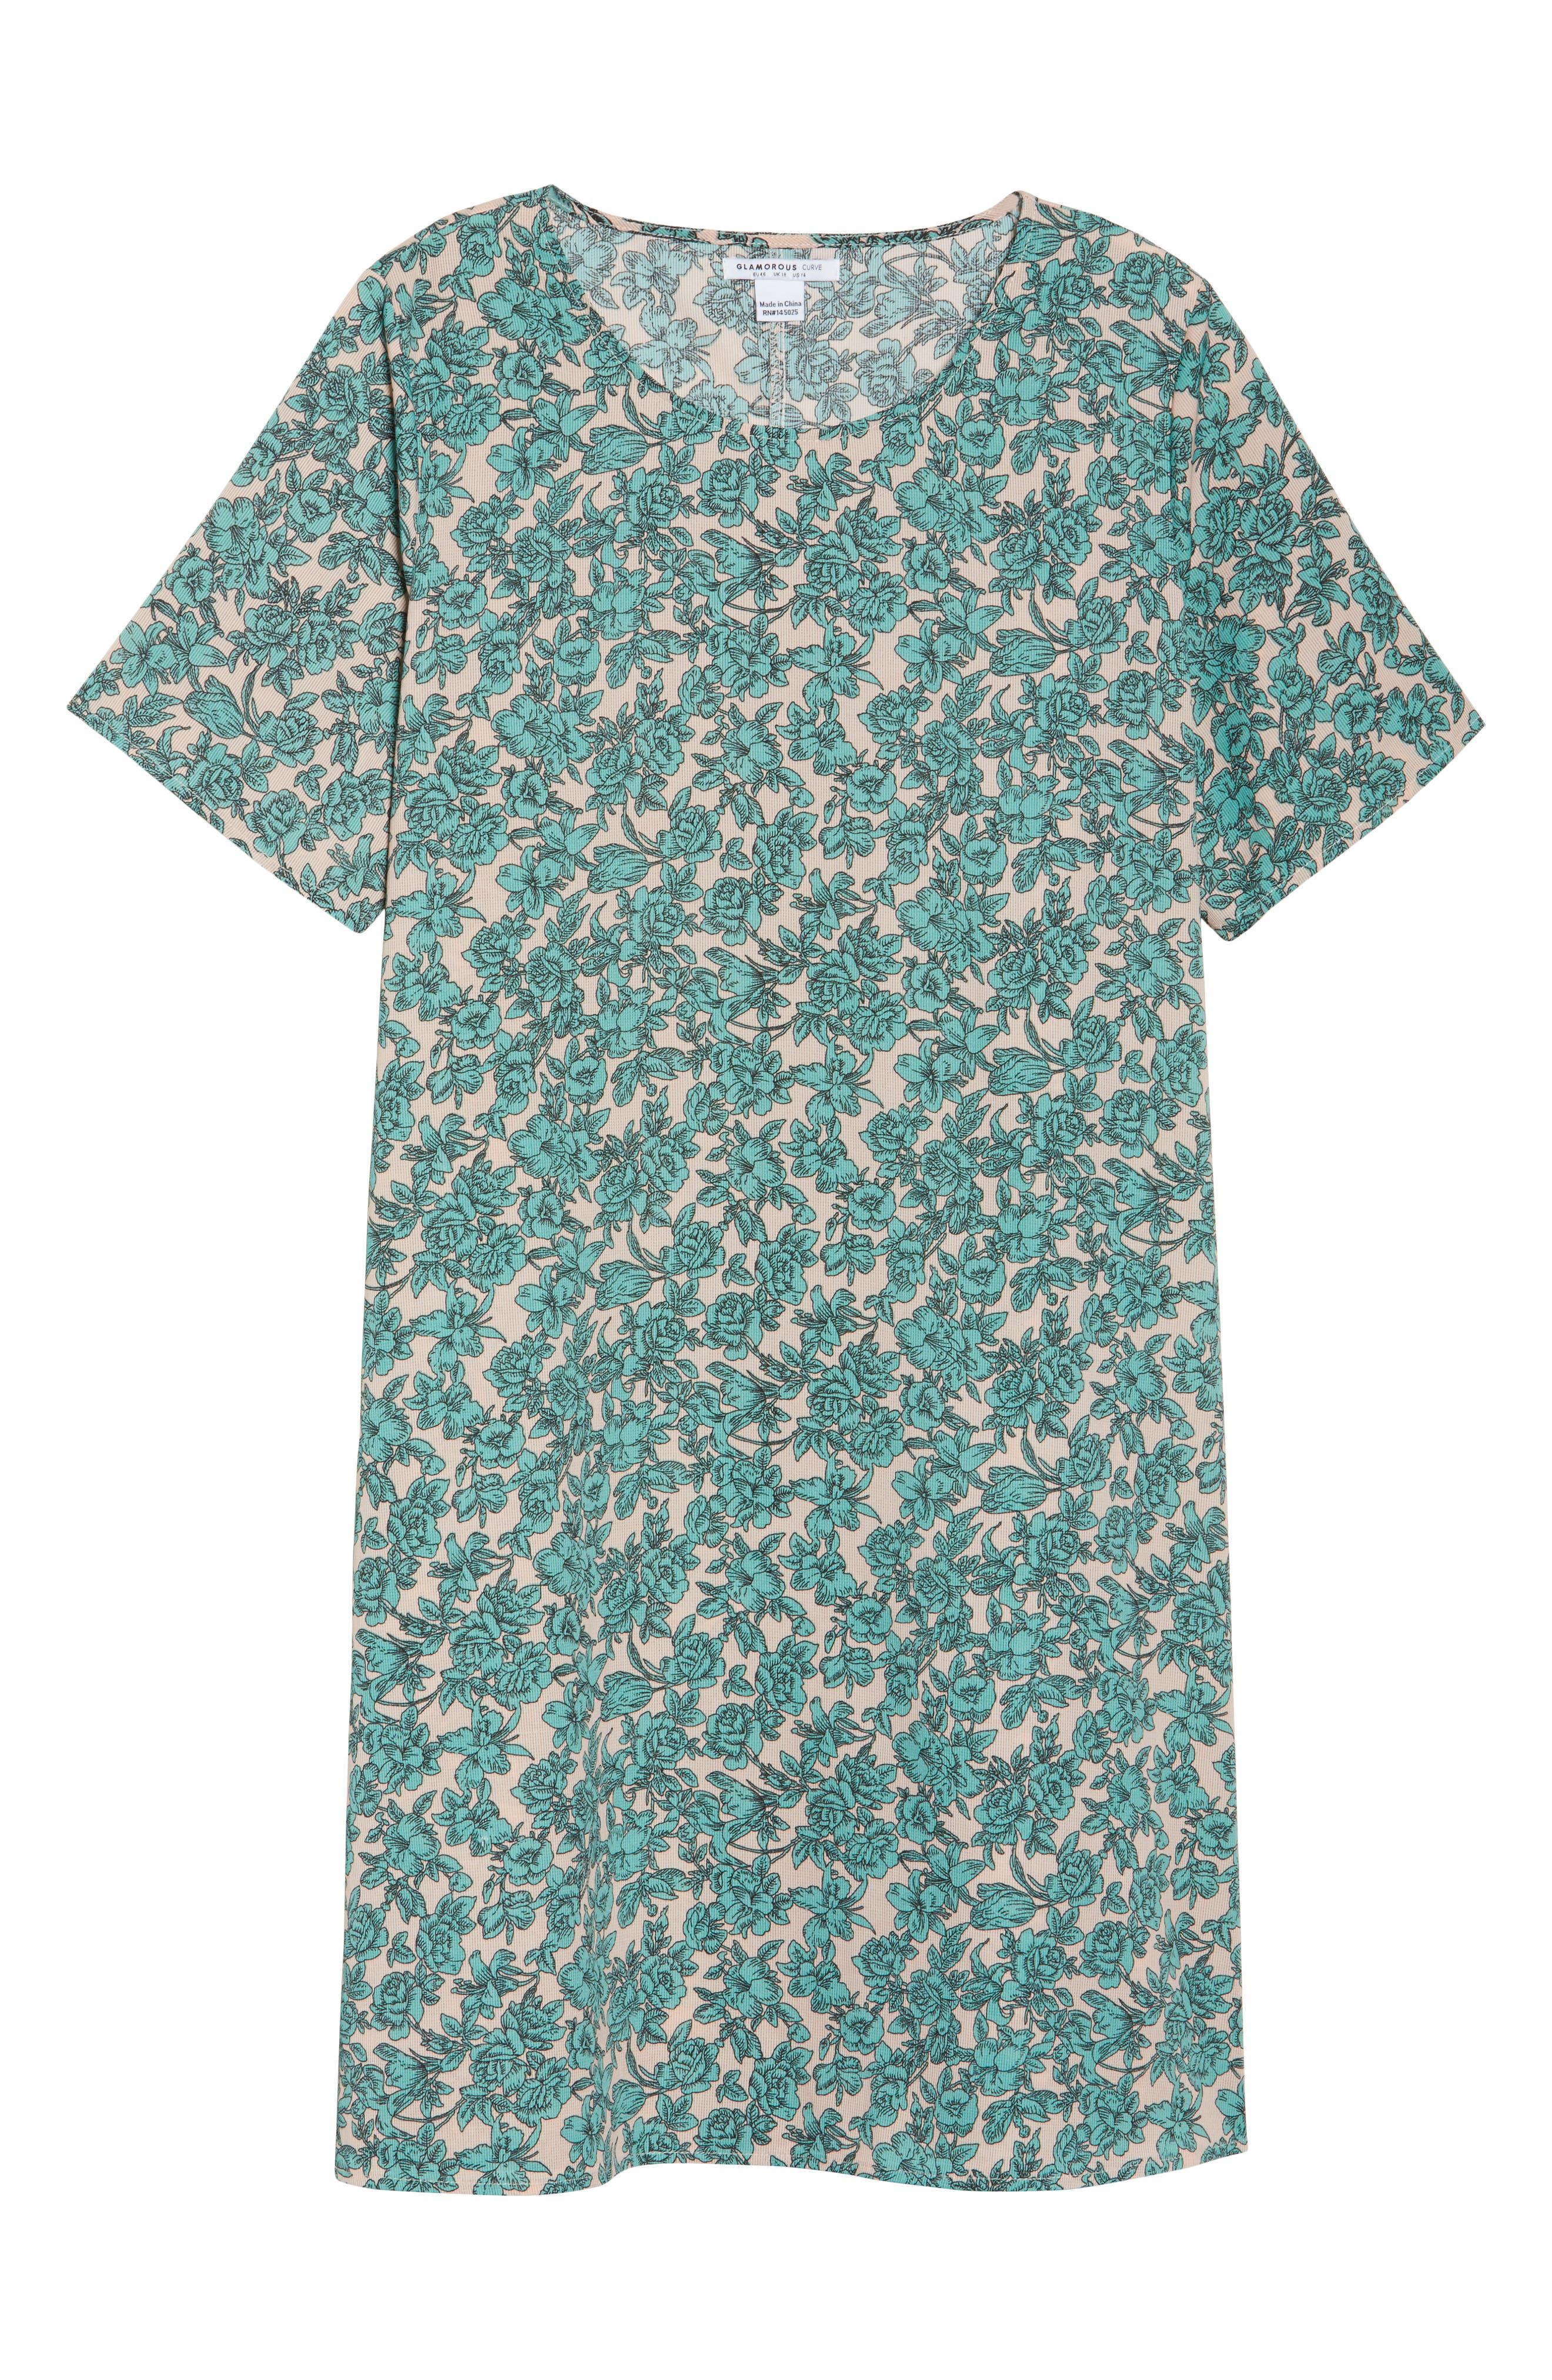 Floral Shift Dress,                             Alternate thumbnail 6, color,                             Sage Green Floral